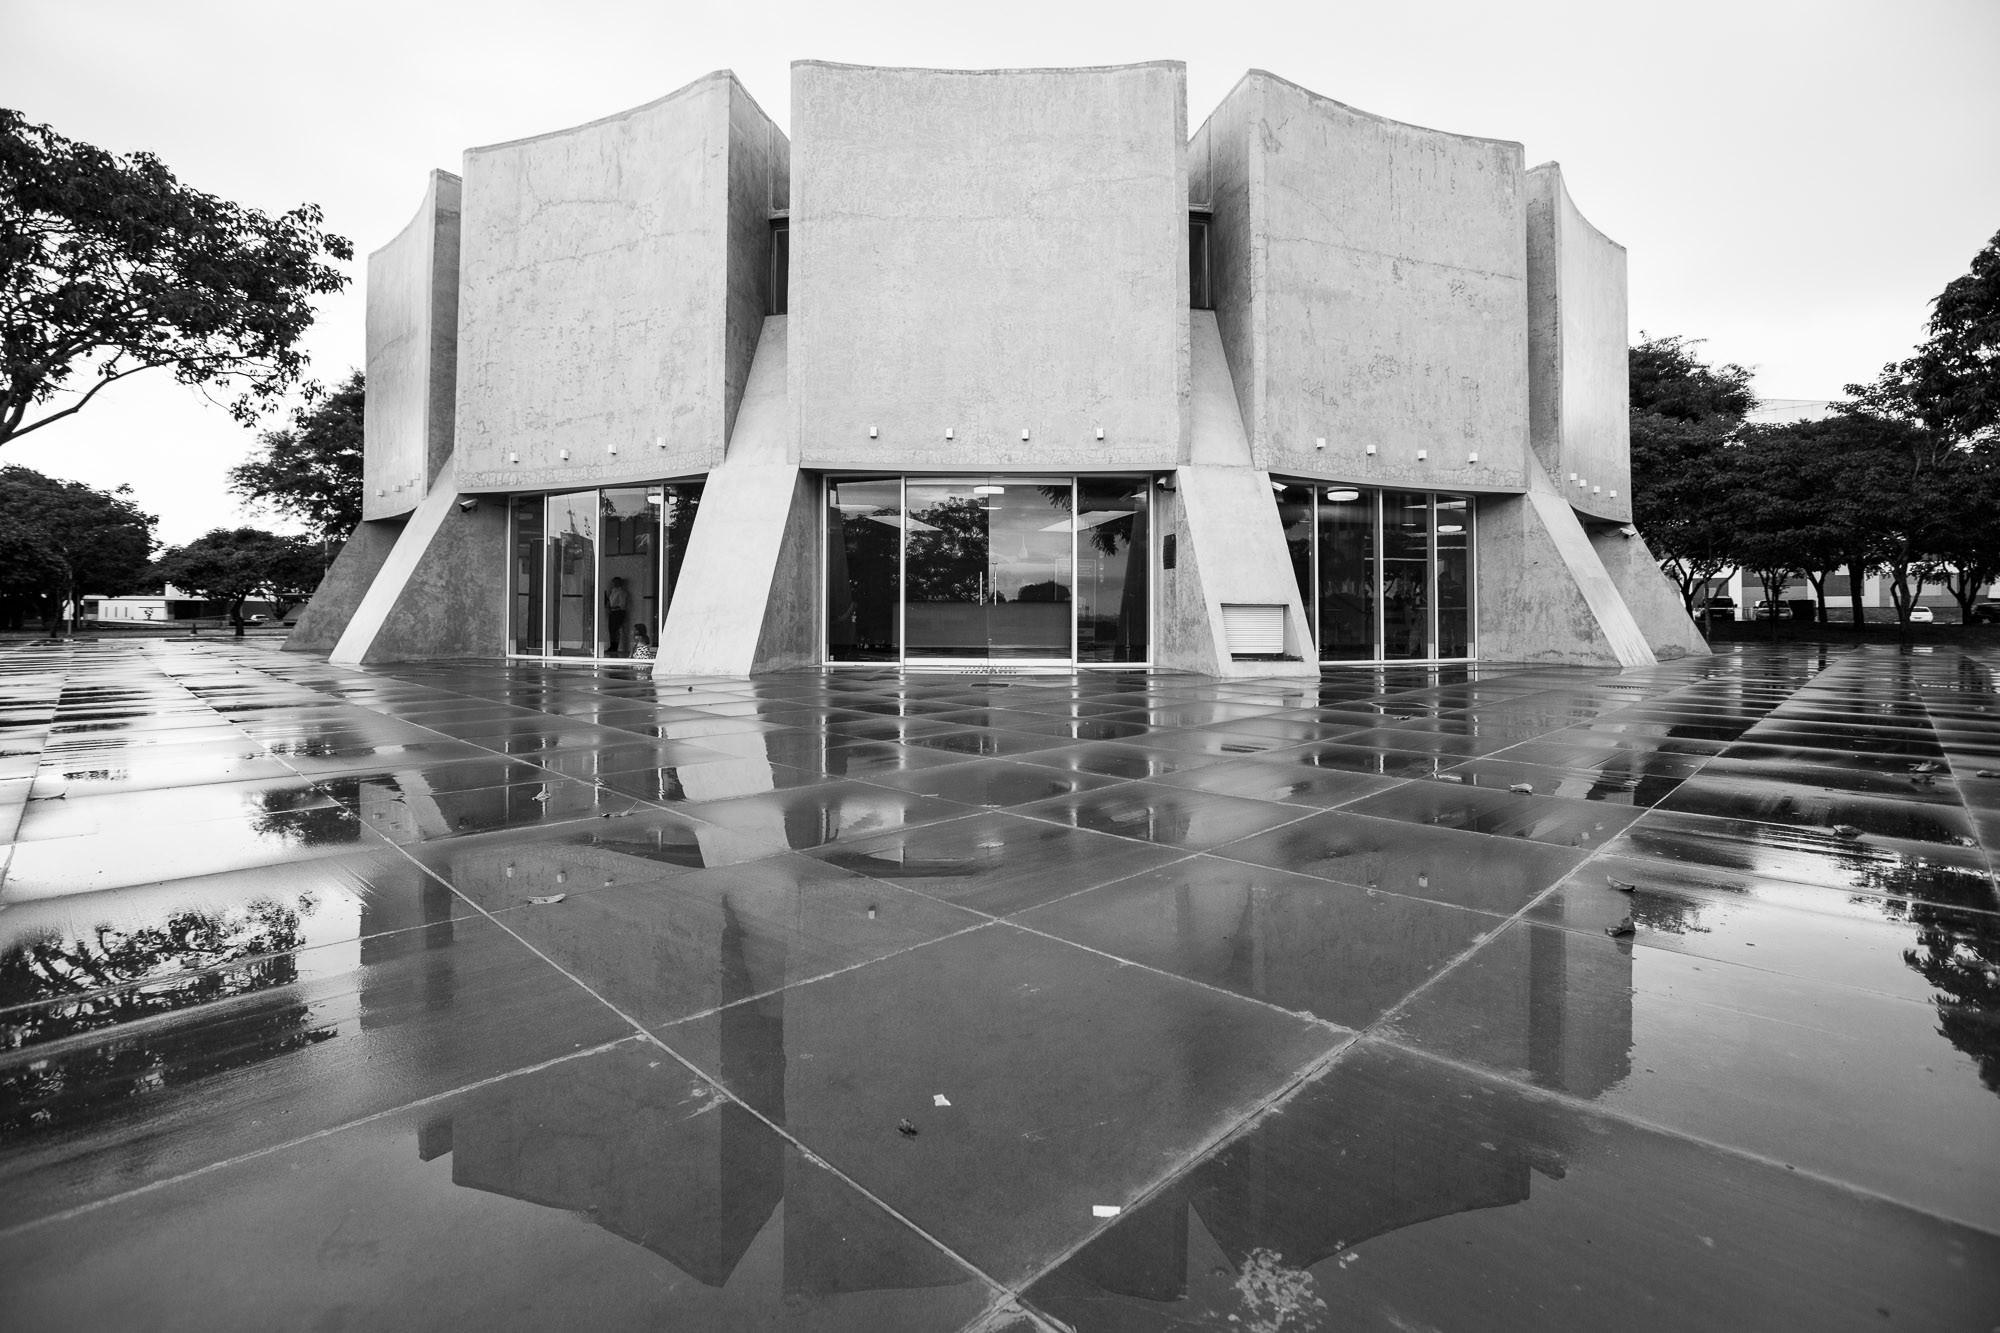 Clássicos da Arquitetura: Planetário de Brasília / Sérgio Bernardes, © Joana França